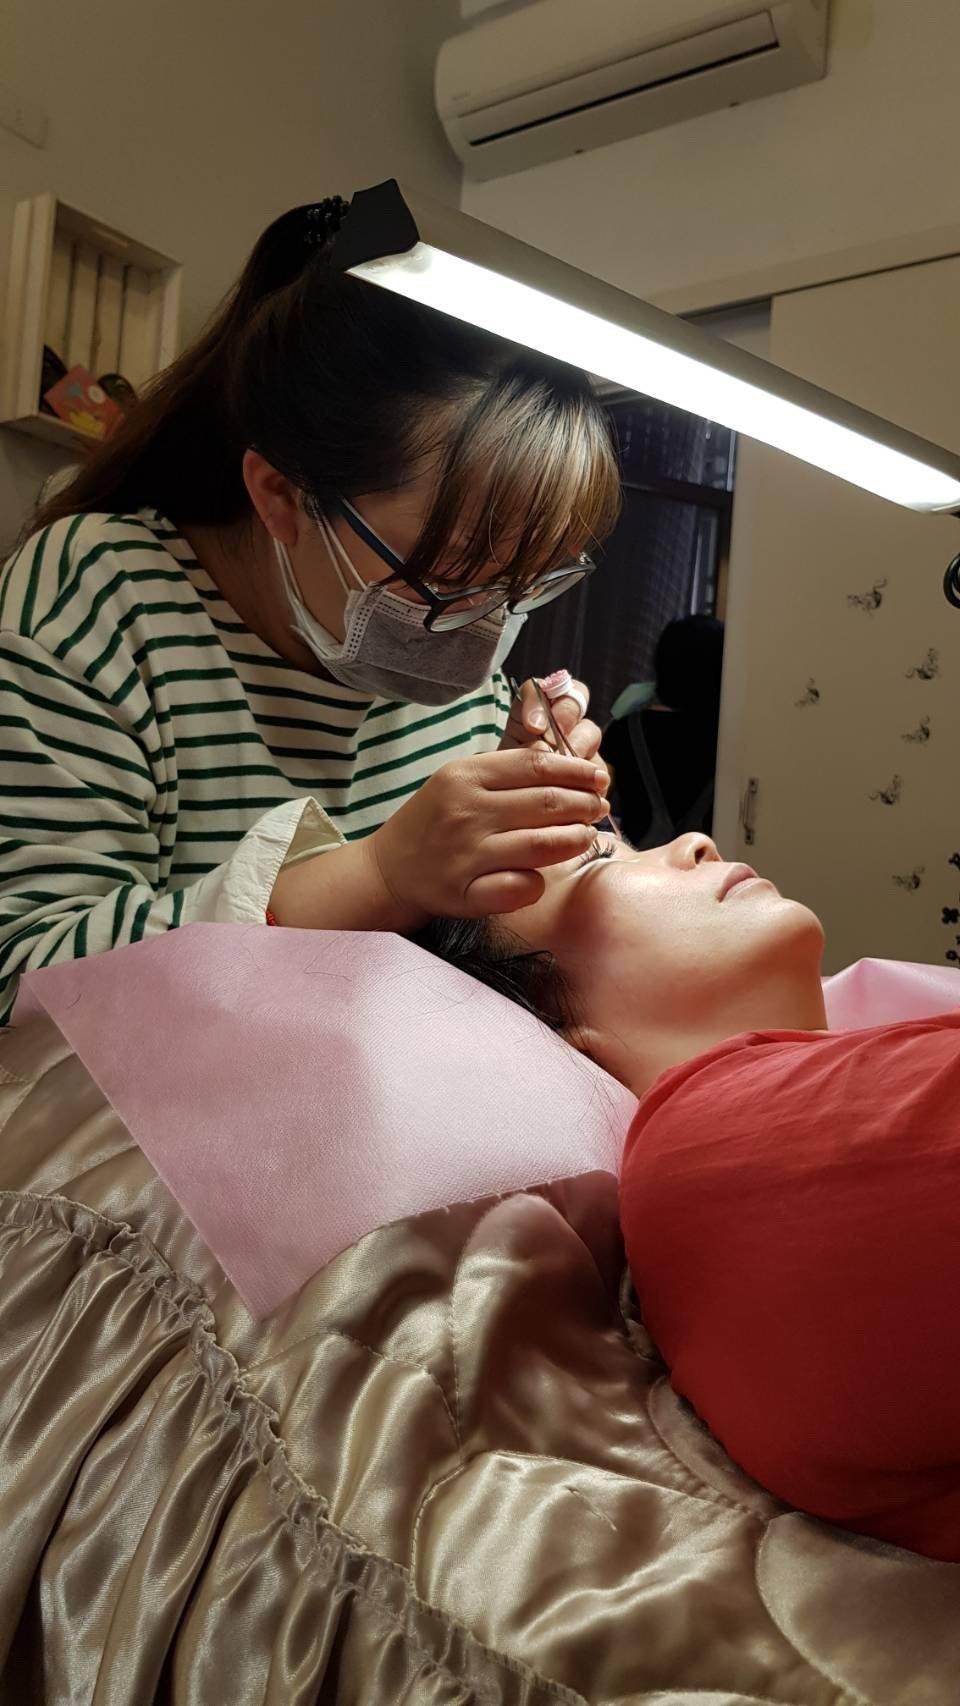 35歲的飛鈴是一位美睫師,技能專業。圖/飛鈴提供